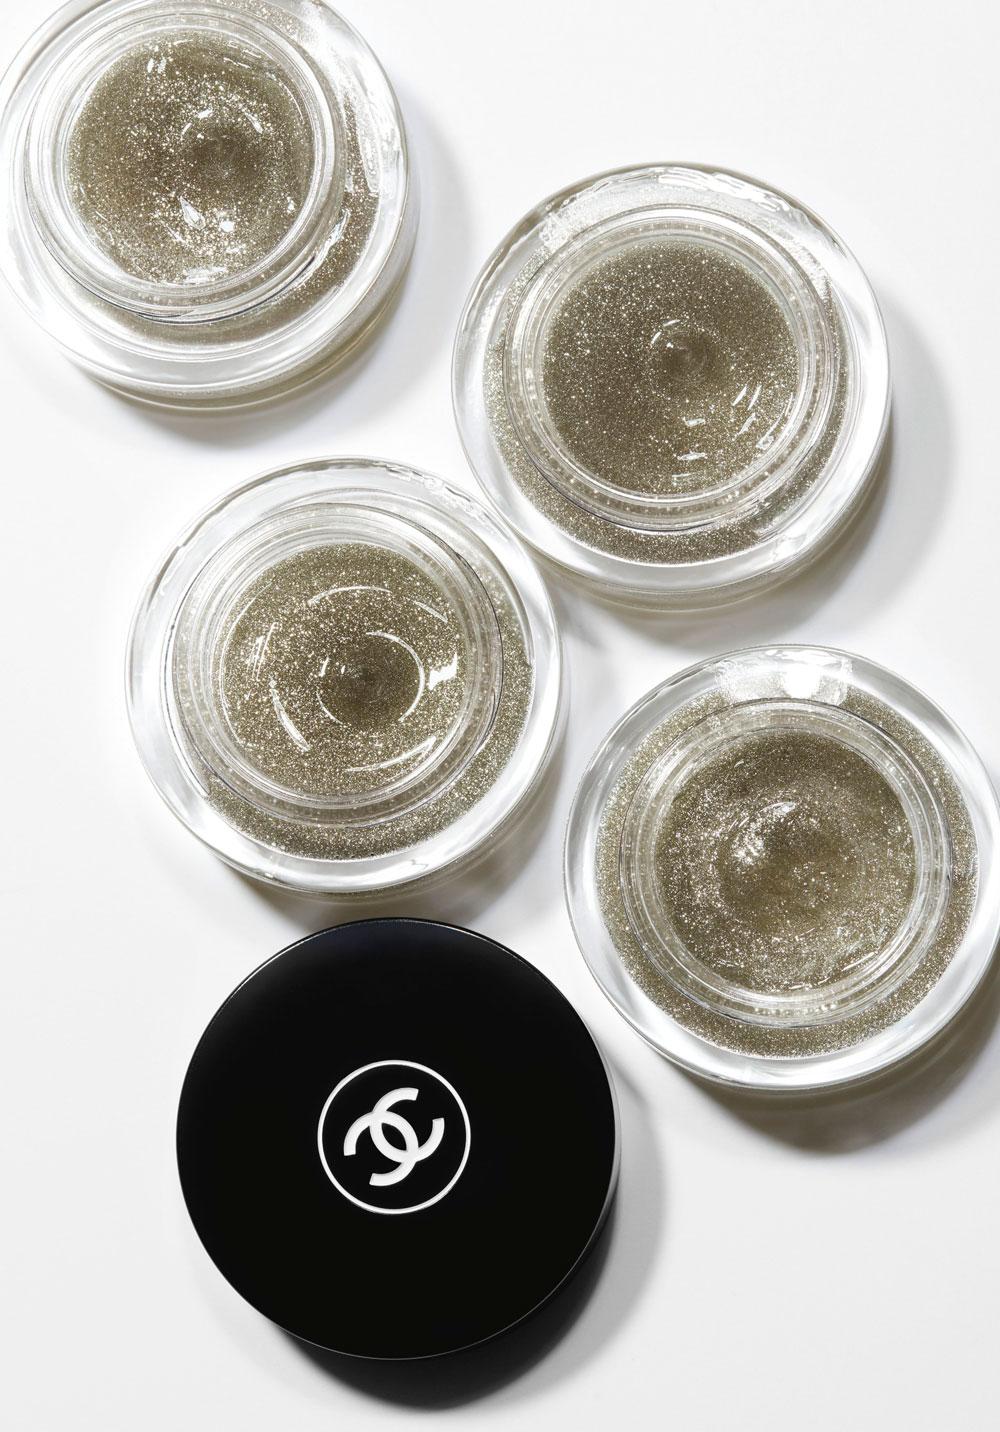 sonrisa schwelgt im Makeup-Glück und zeigt Dir heute die Chanel Herbstkollektion 2019 Noir et Blanc im Detail.